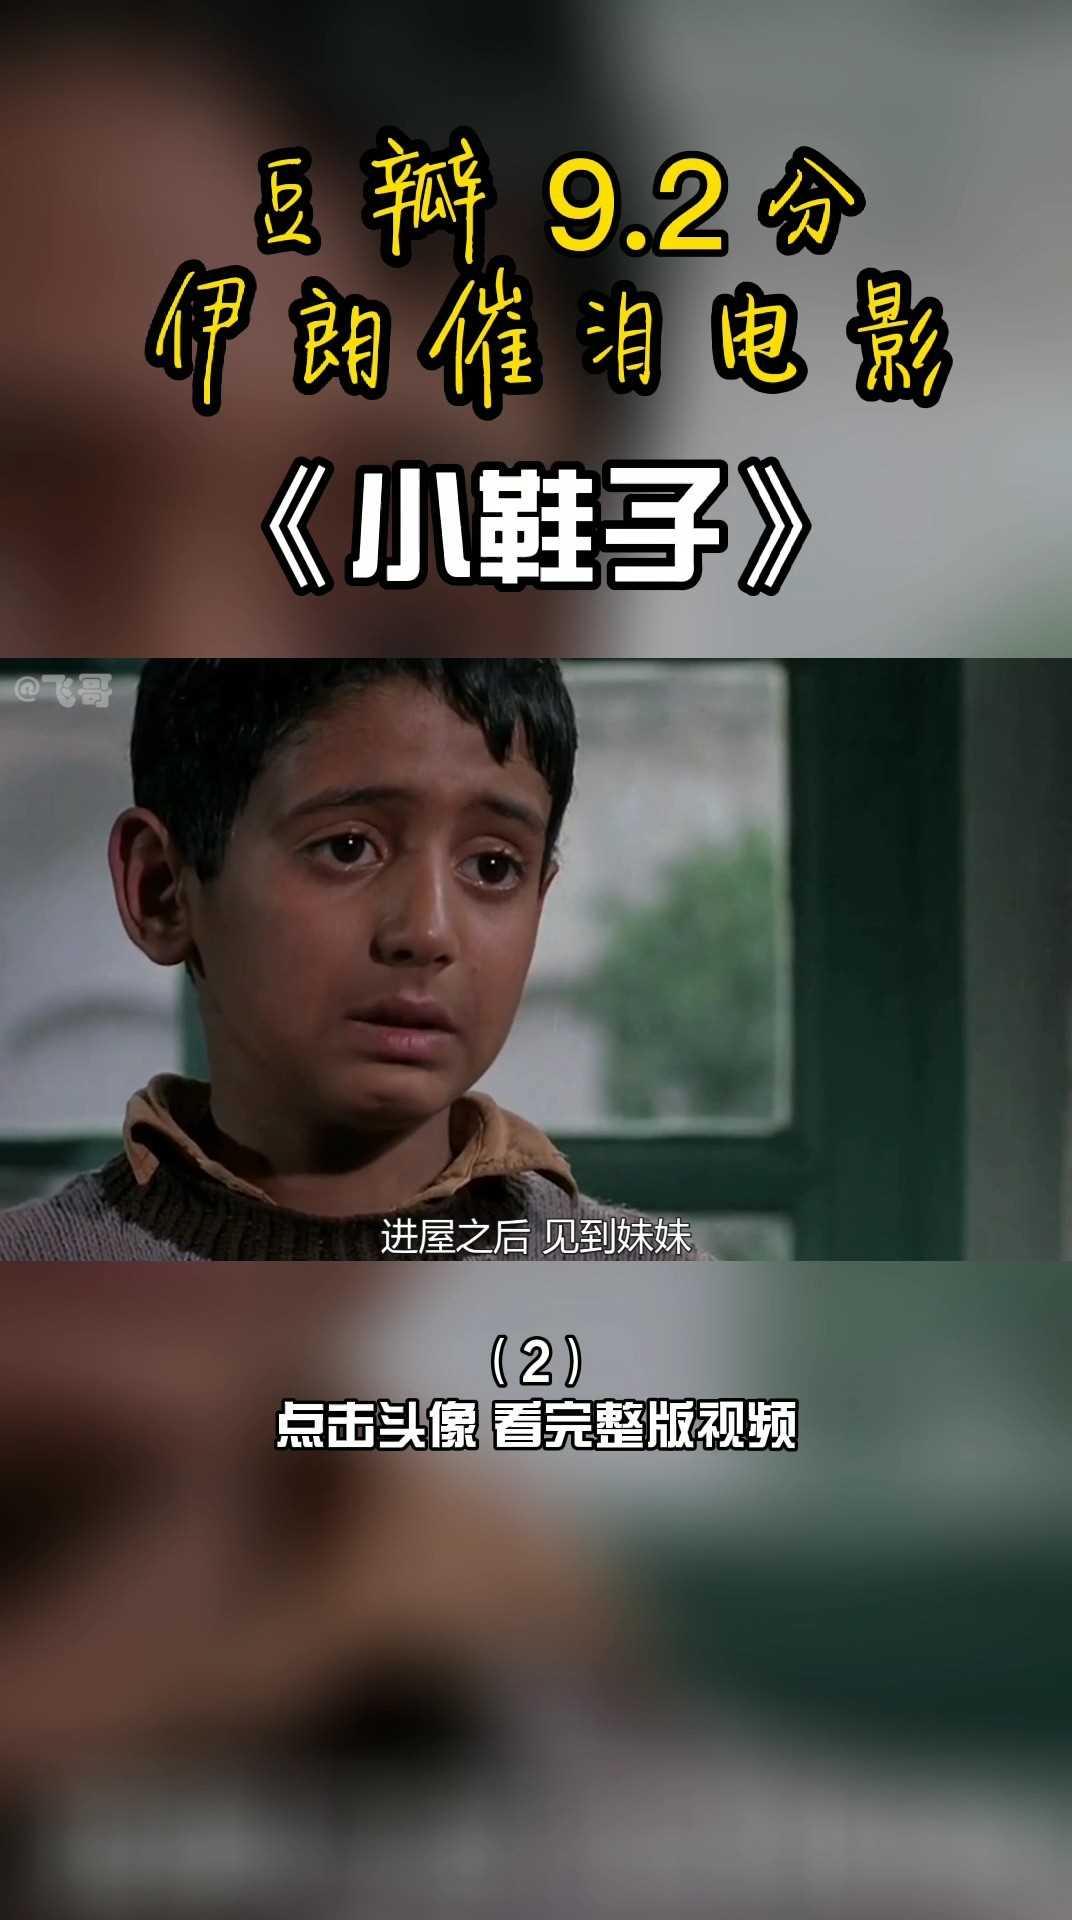 豆瓣9.2 伊朗催泪电影《小鞋子》2 上